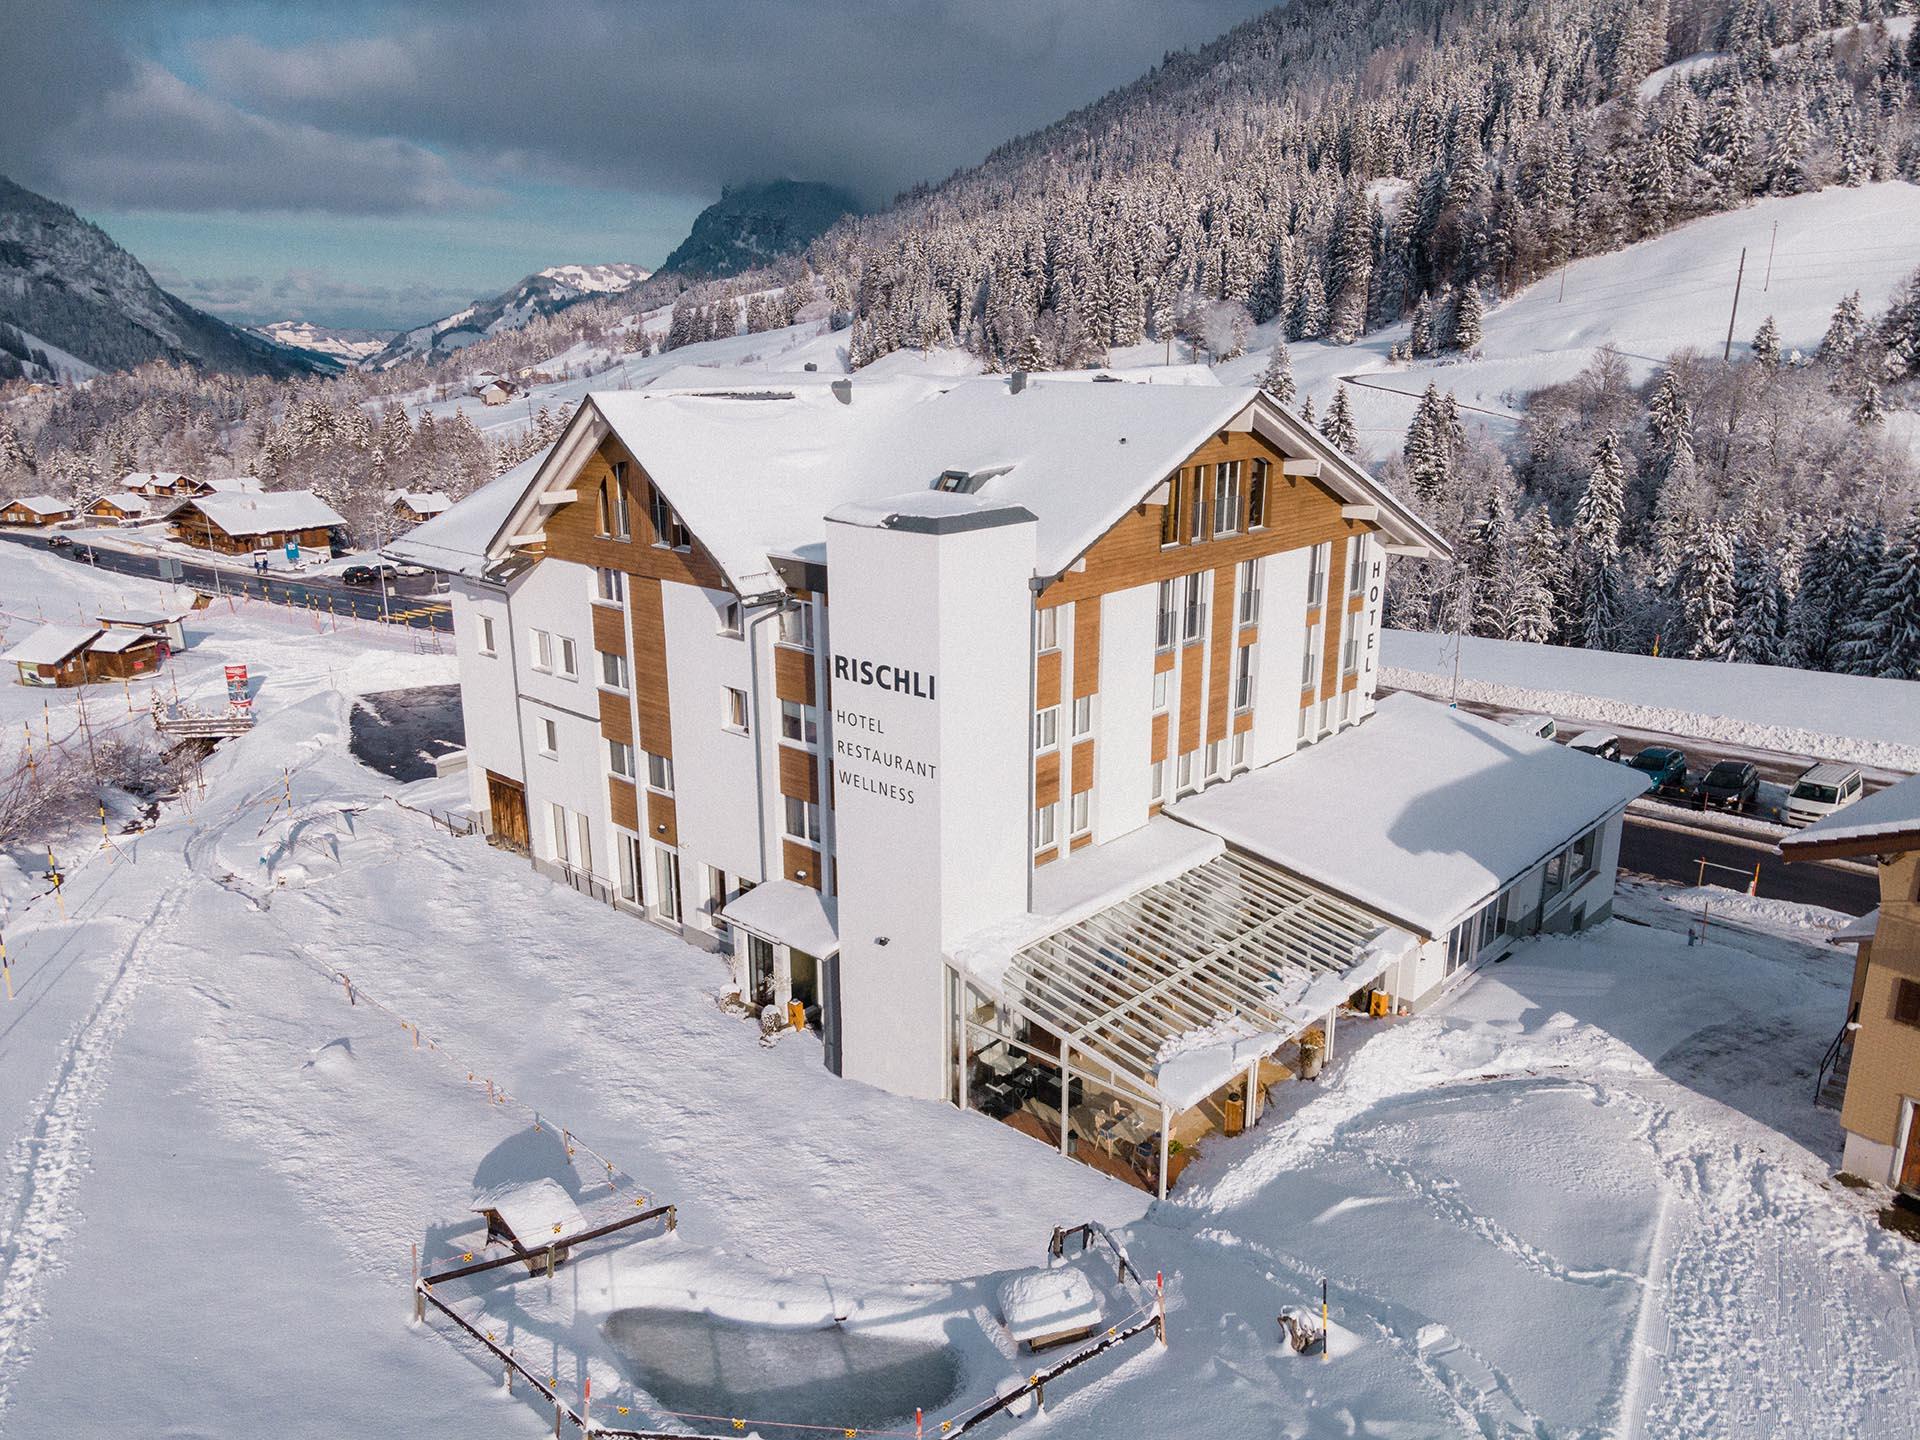 Hotel Rischli sanft renoviert